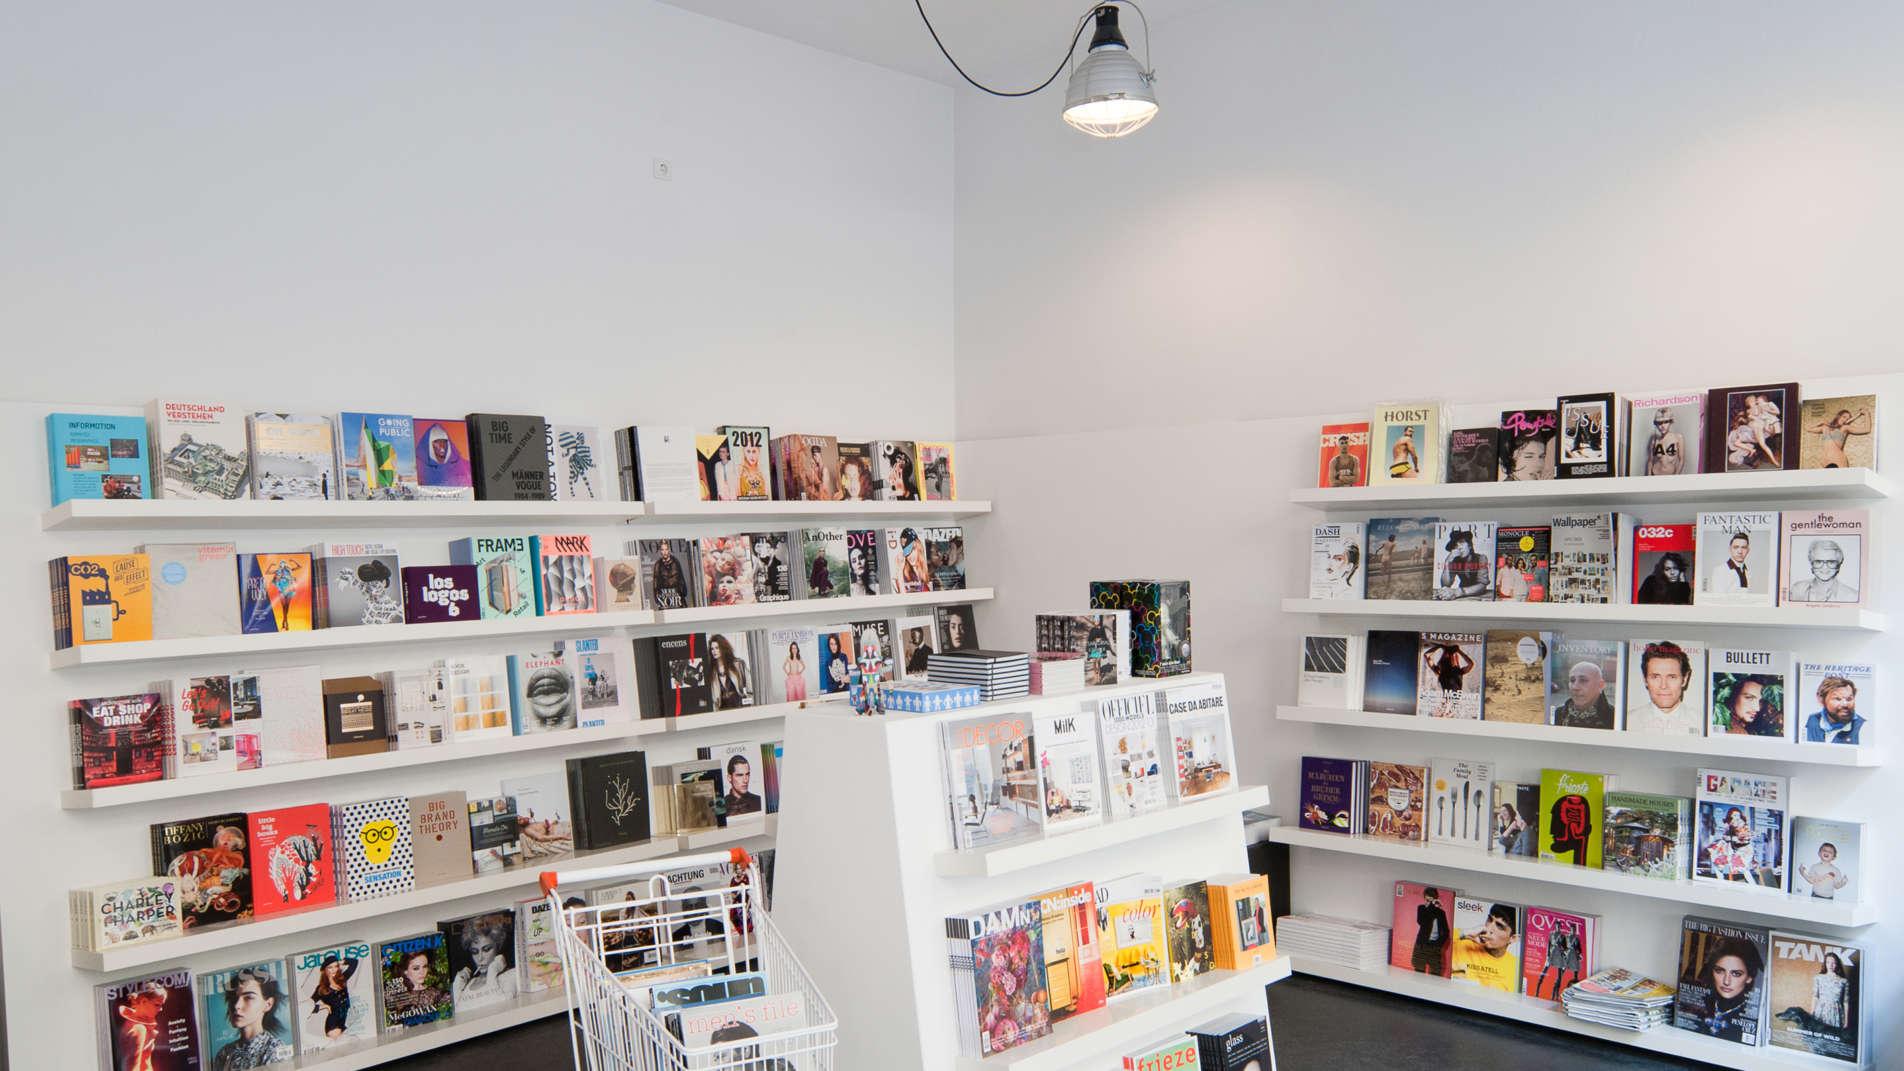 Mehrere weiße Regale mit vielen verschiedenen Büchern und Magazinen